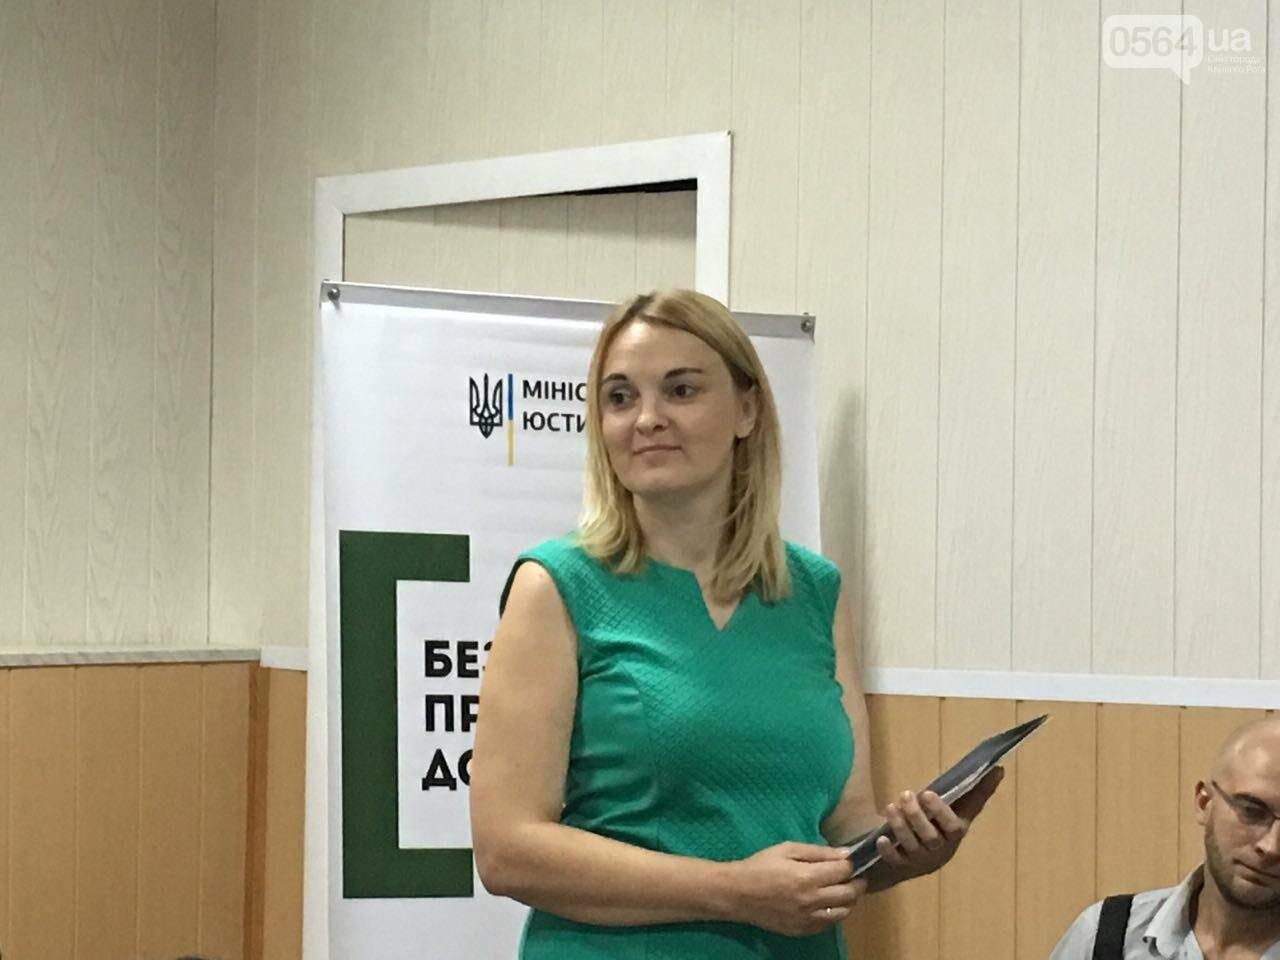 Криворожские центры по предоставлению бесплатной правовой помощи подвели итоги работы за 3 года, - ФОТО, фото-10